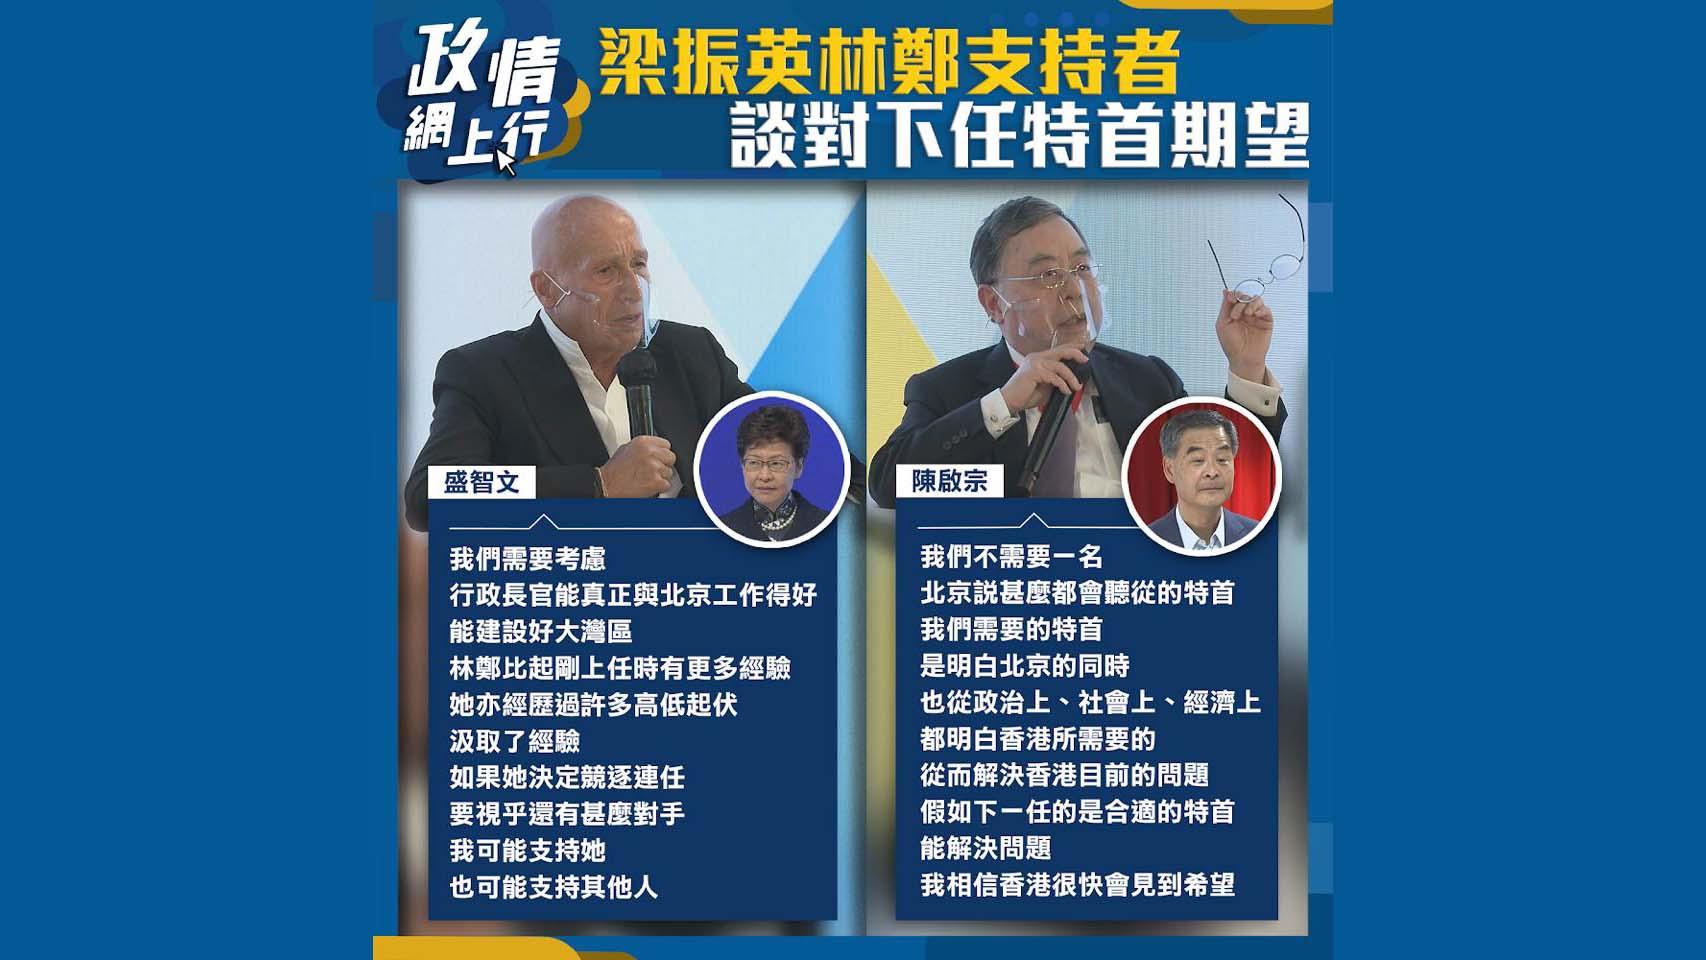 【政情網上行】梁振英林鄭支持者談對下任特首期望